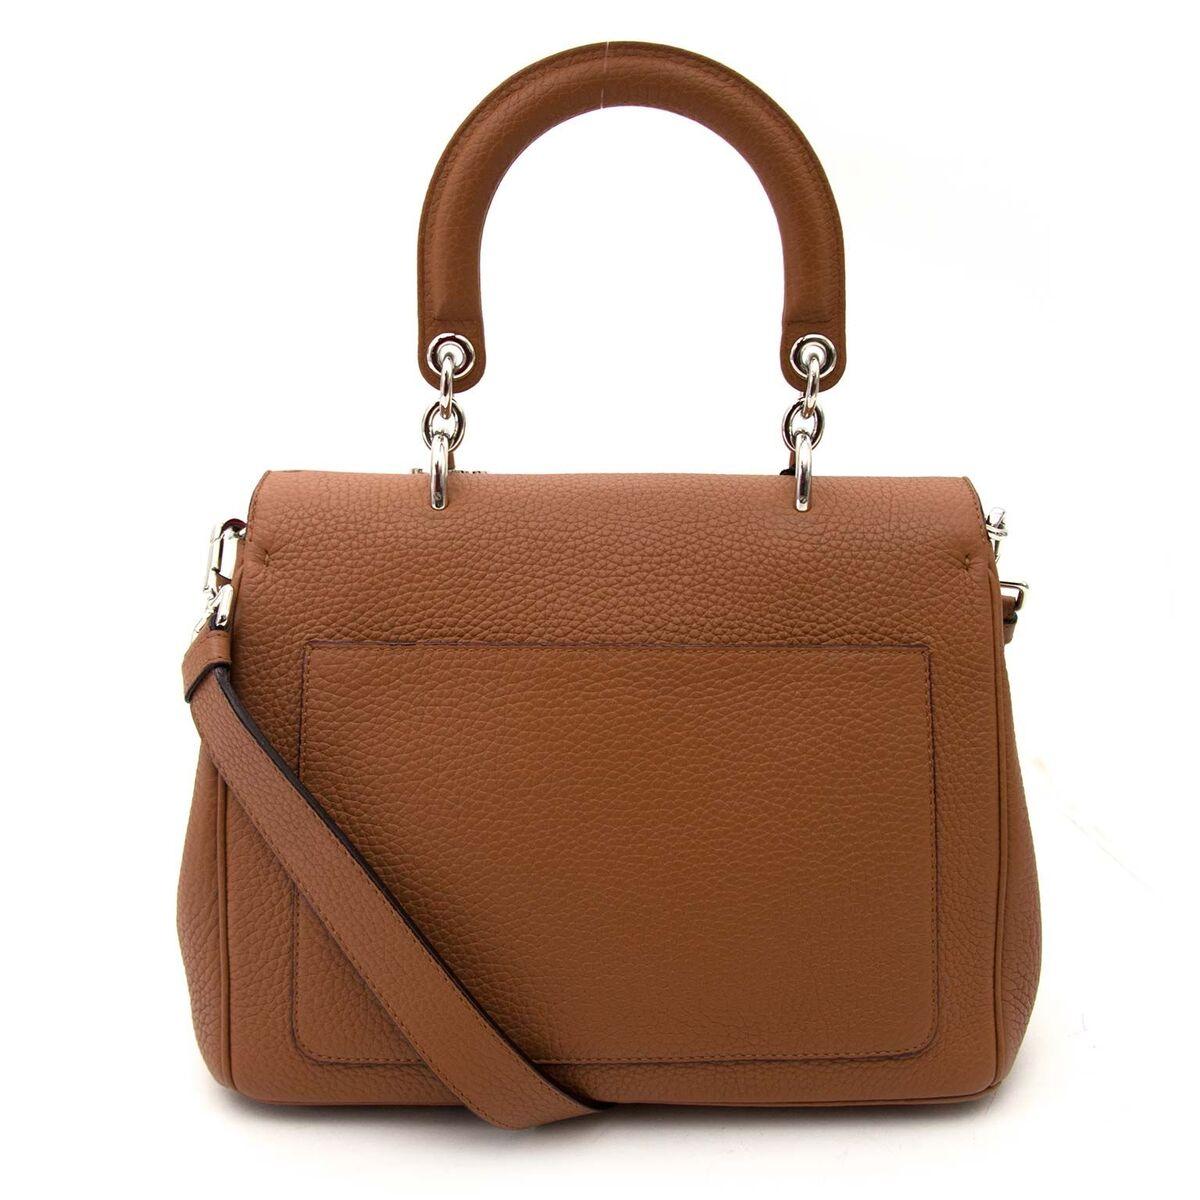 Koop authentieke tweedehands Dior cognac be dior aan een eerlijke prijs bij LabelLOV. Veilig online shoppen.